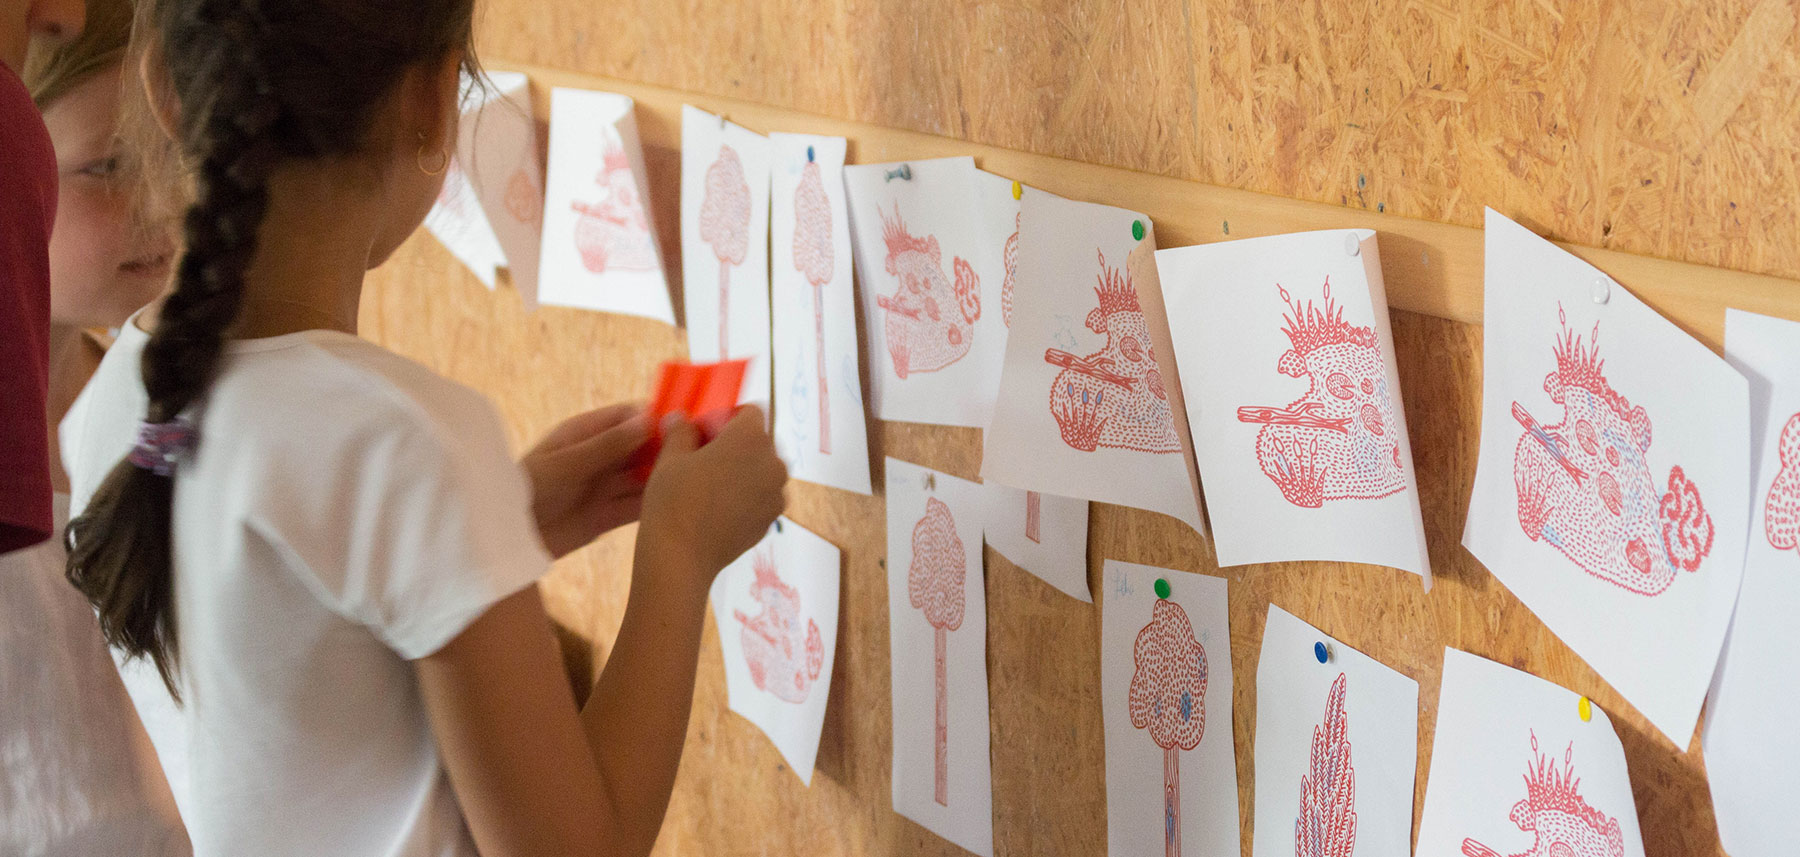 Ateliers enfant observe fresque